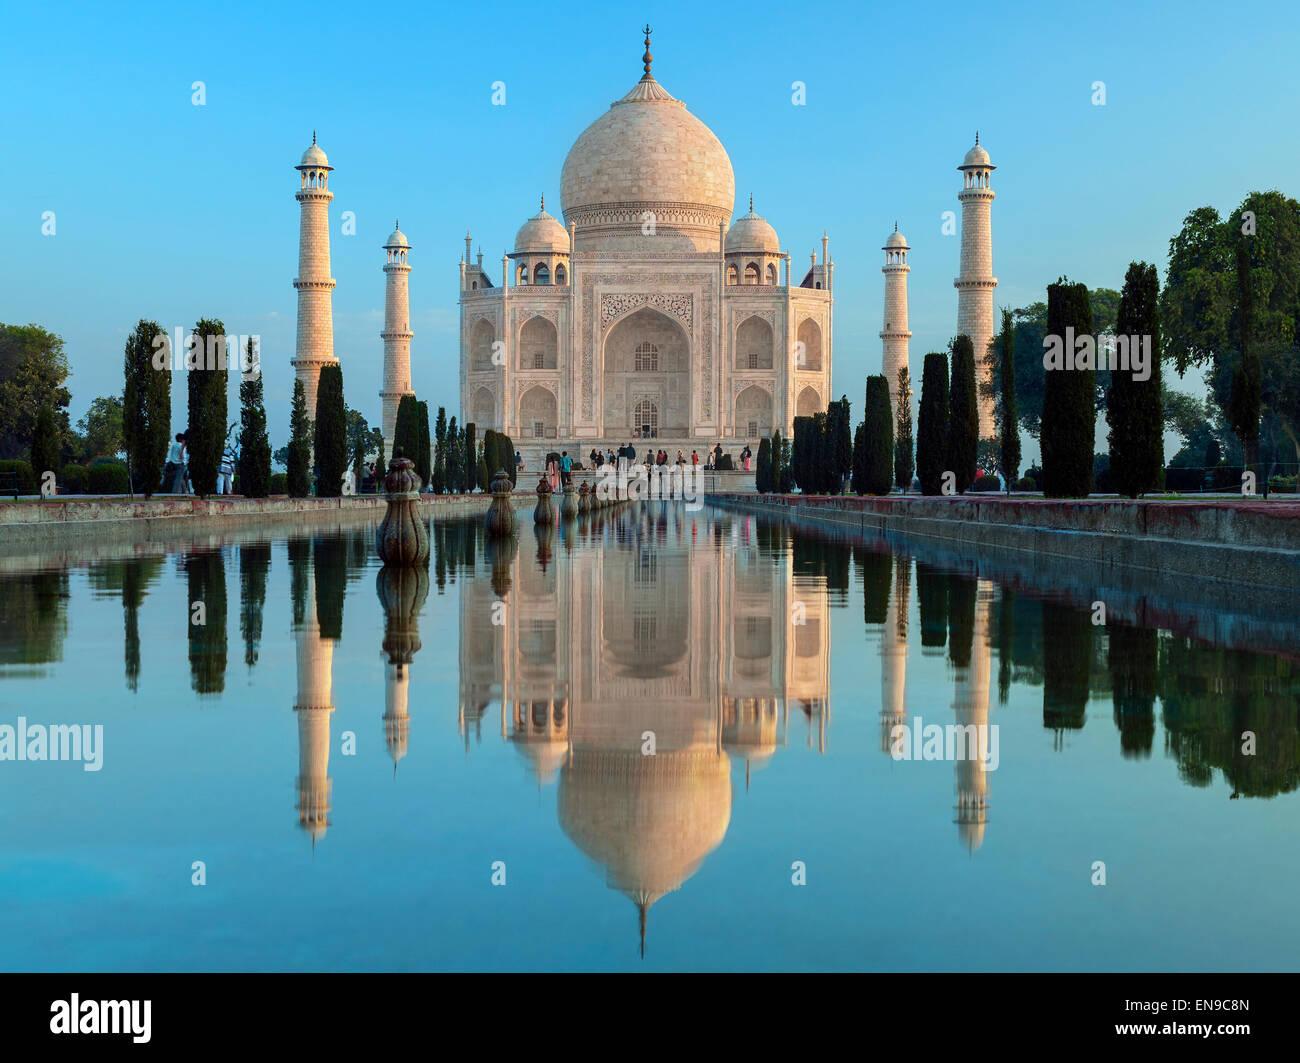 Le Taj Mahal à l'aube - un mausolée d'Agra dans le nord de l'Inde Photo Stock